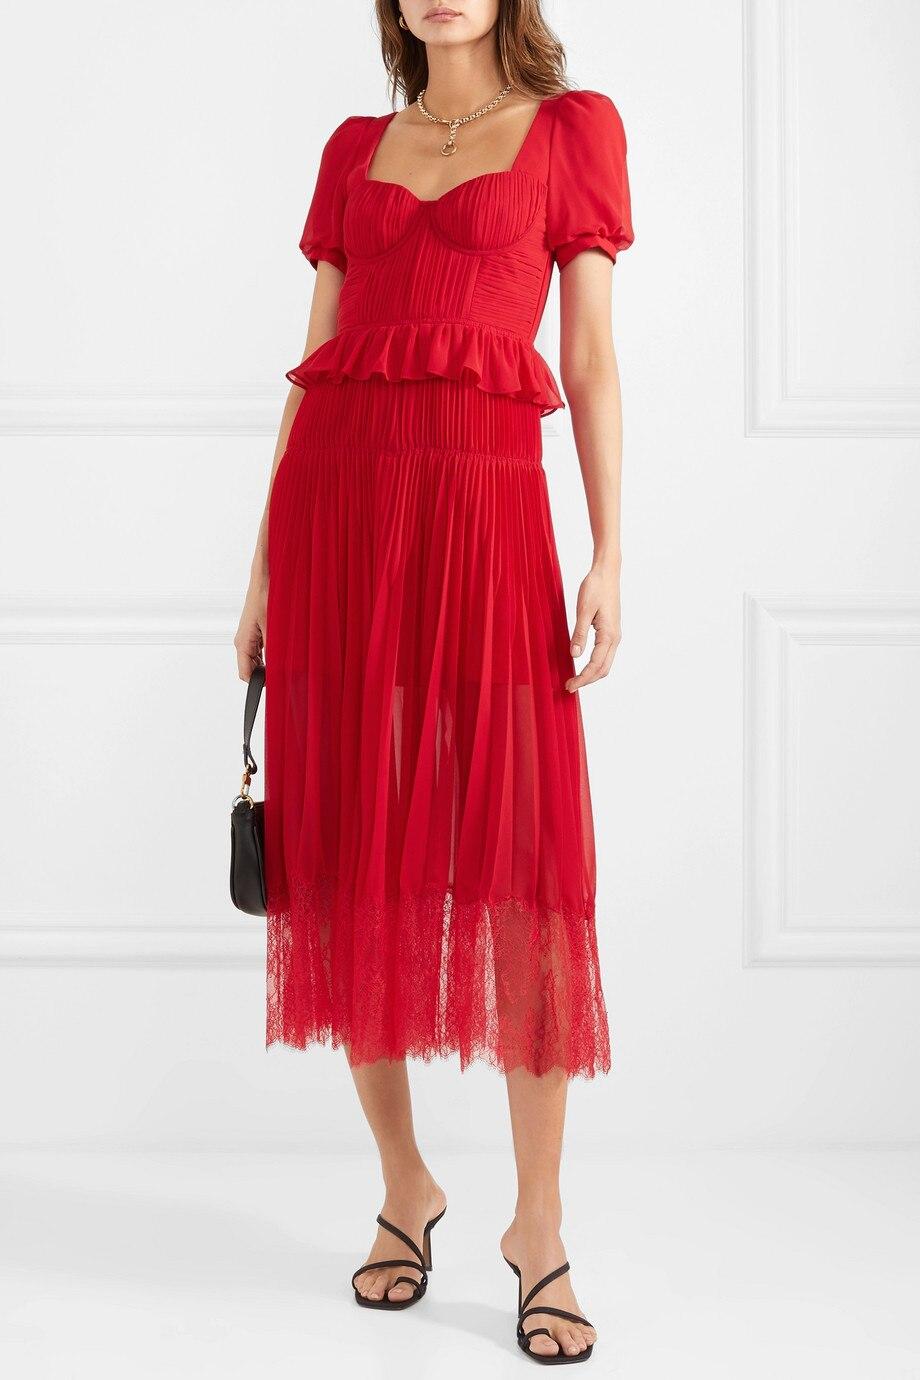 2019 nouvelle arrivée rouge à manches courtes en mousseline de soie robe